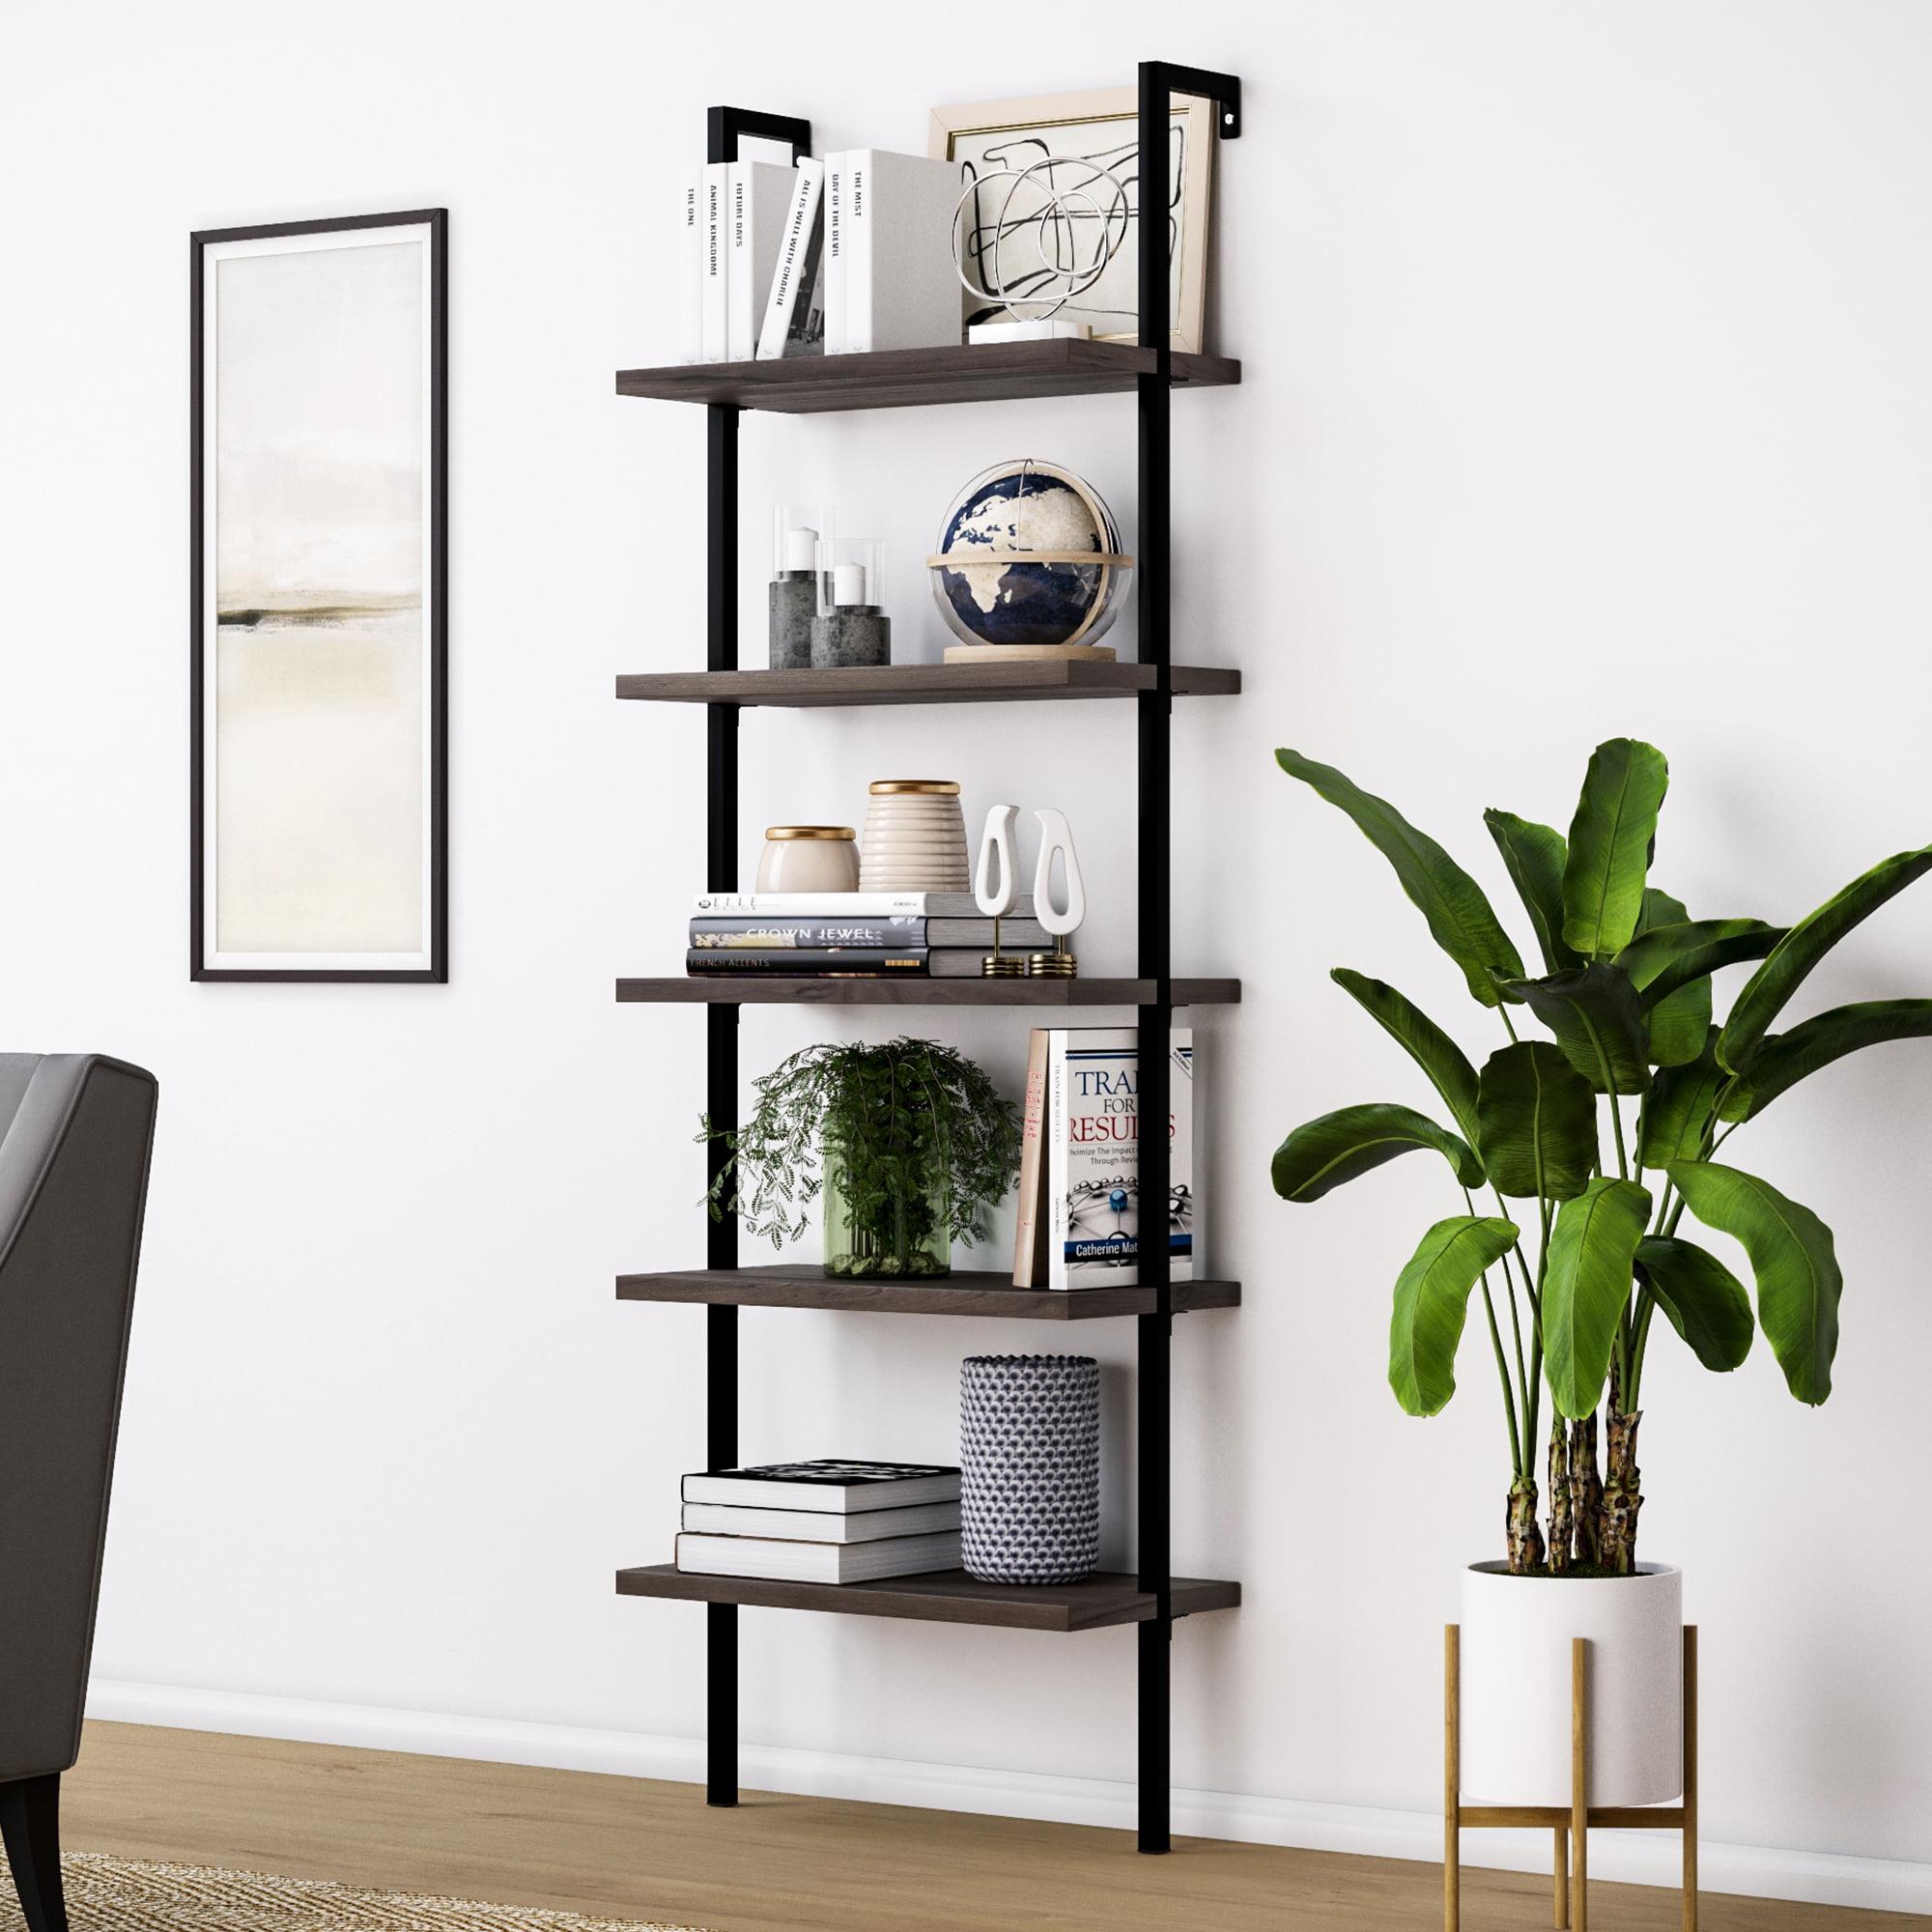 Theo Wood Ladder Bookcase Rustic Dark Brown Wood and Metal Frame, Dark Brown/Black